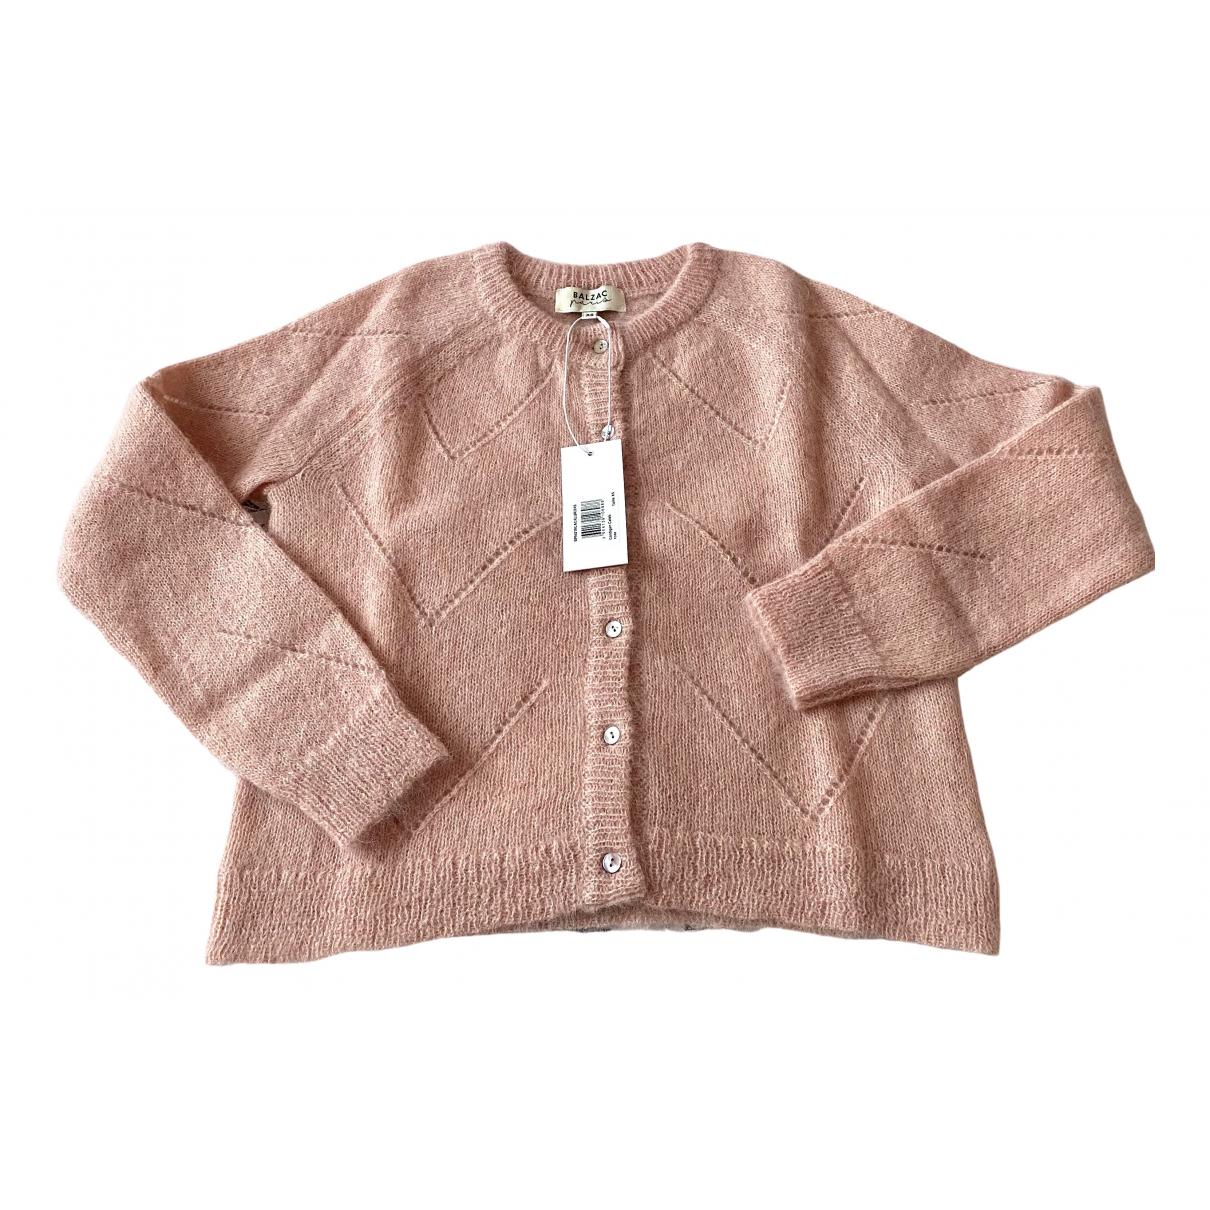 Balzac Paris - Pull   pour femme en laine - rose